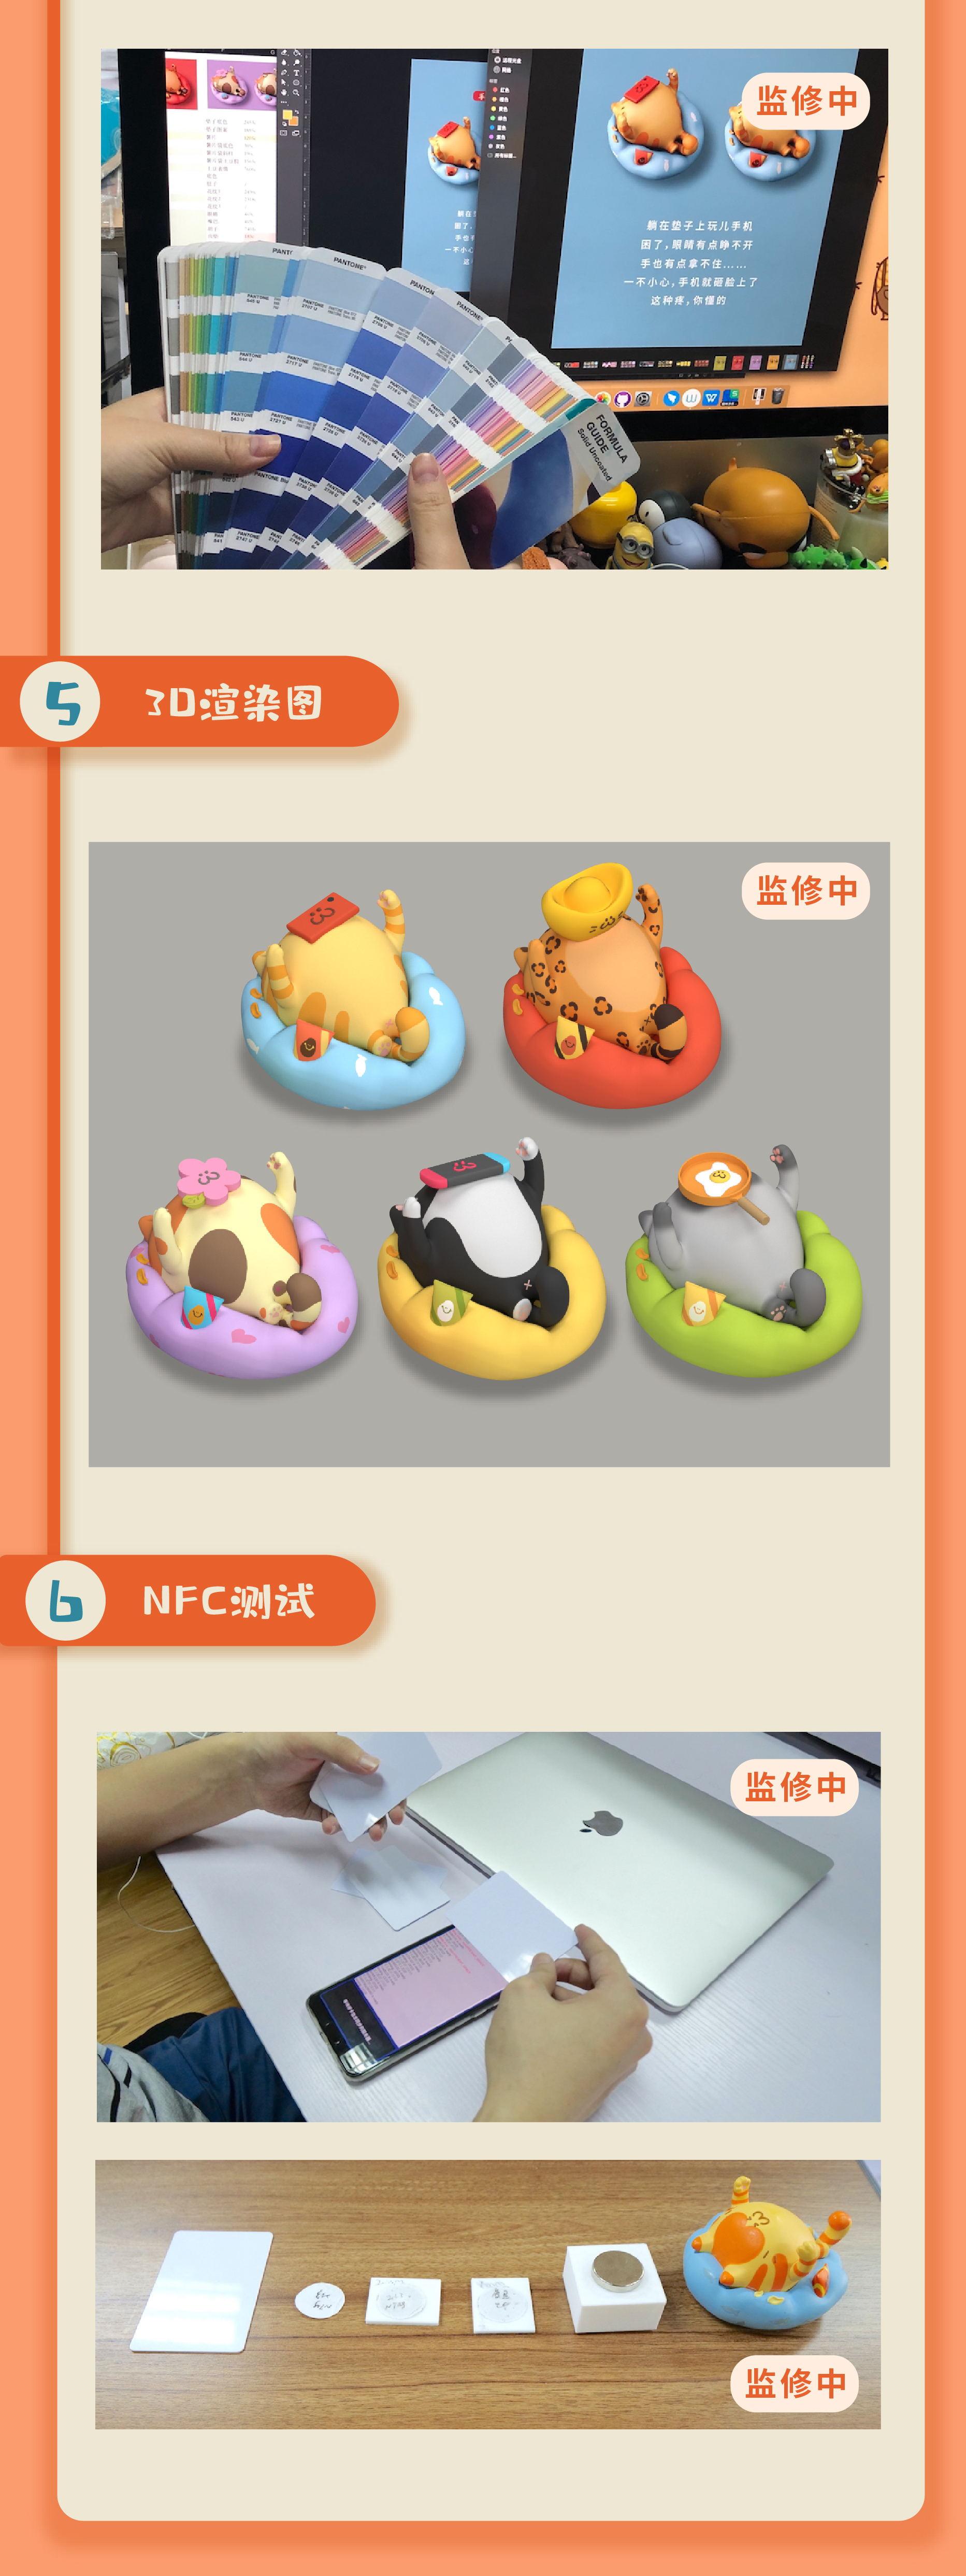 猫咪第一版肉橙色-14_看图王.jpg